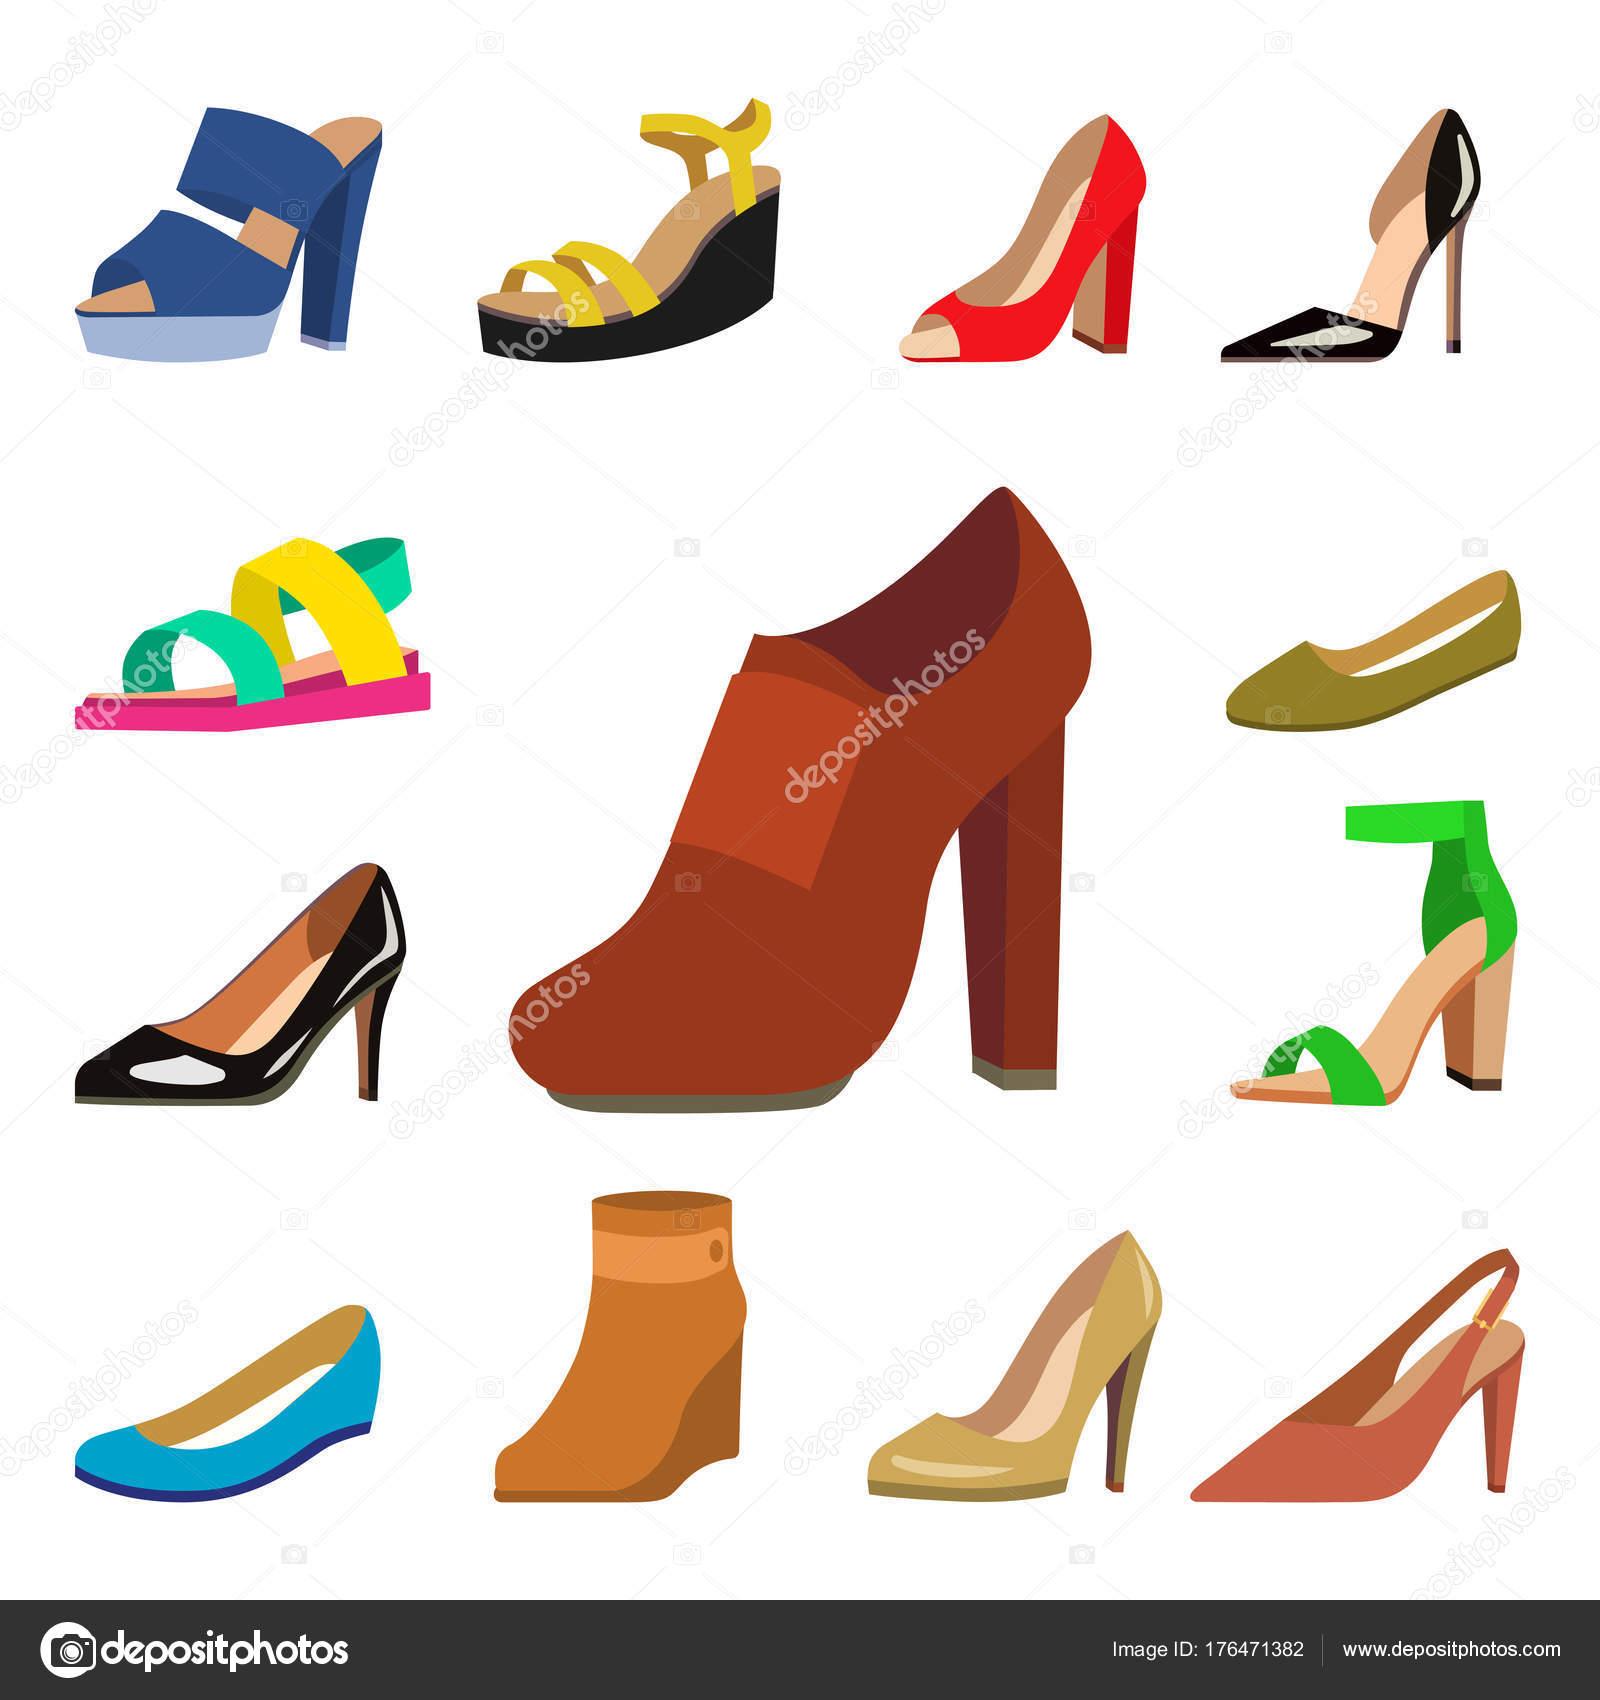 1a4809e0 Zapatos de mujer vector diseño de moda plano colección de cuero mocasines  de color ilustración de sandalias zapatos - ilustracion: moda zapatos —  Vector de ...